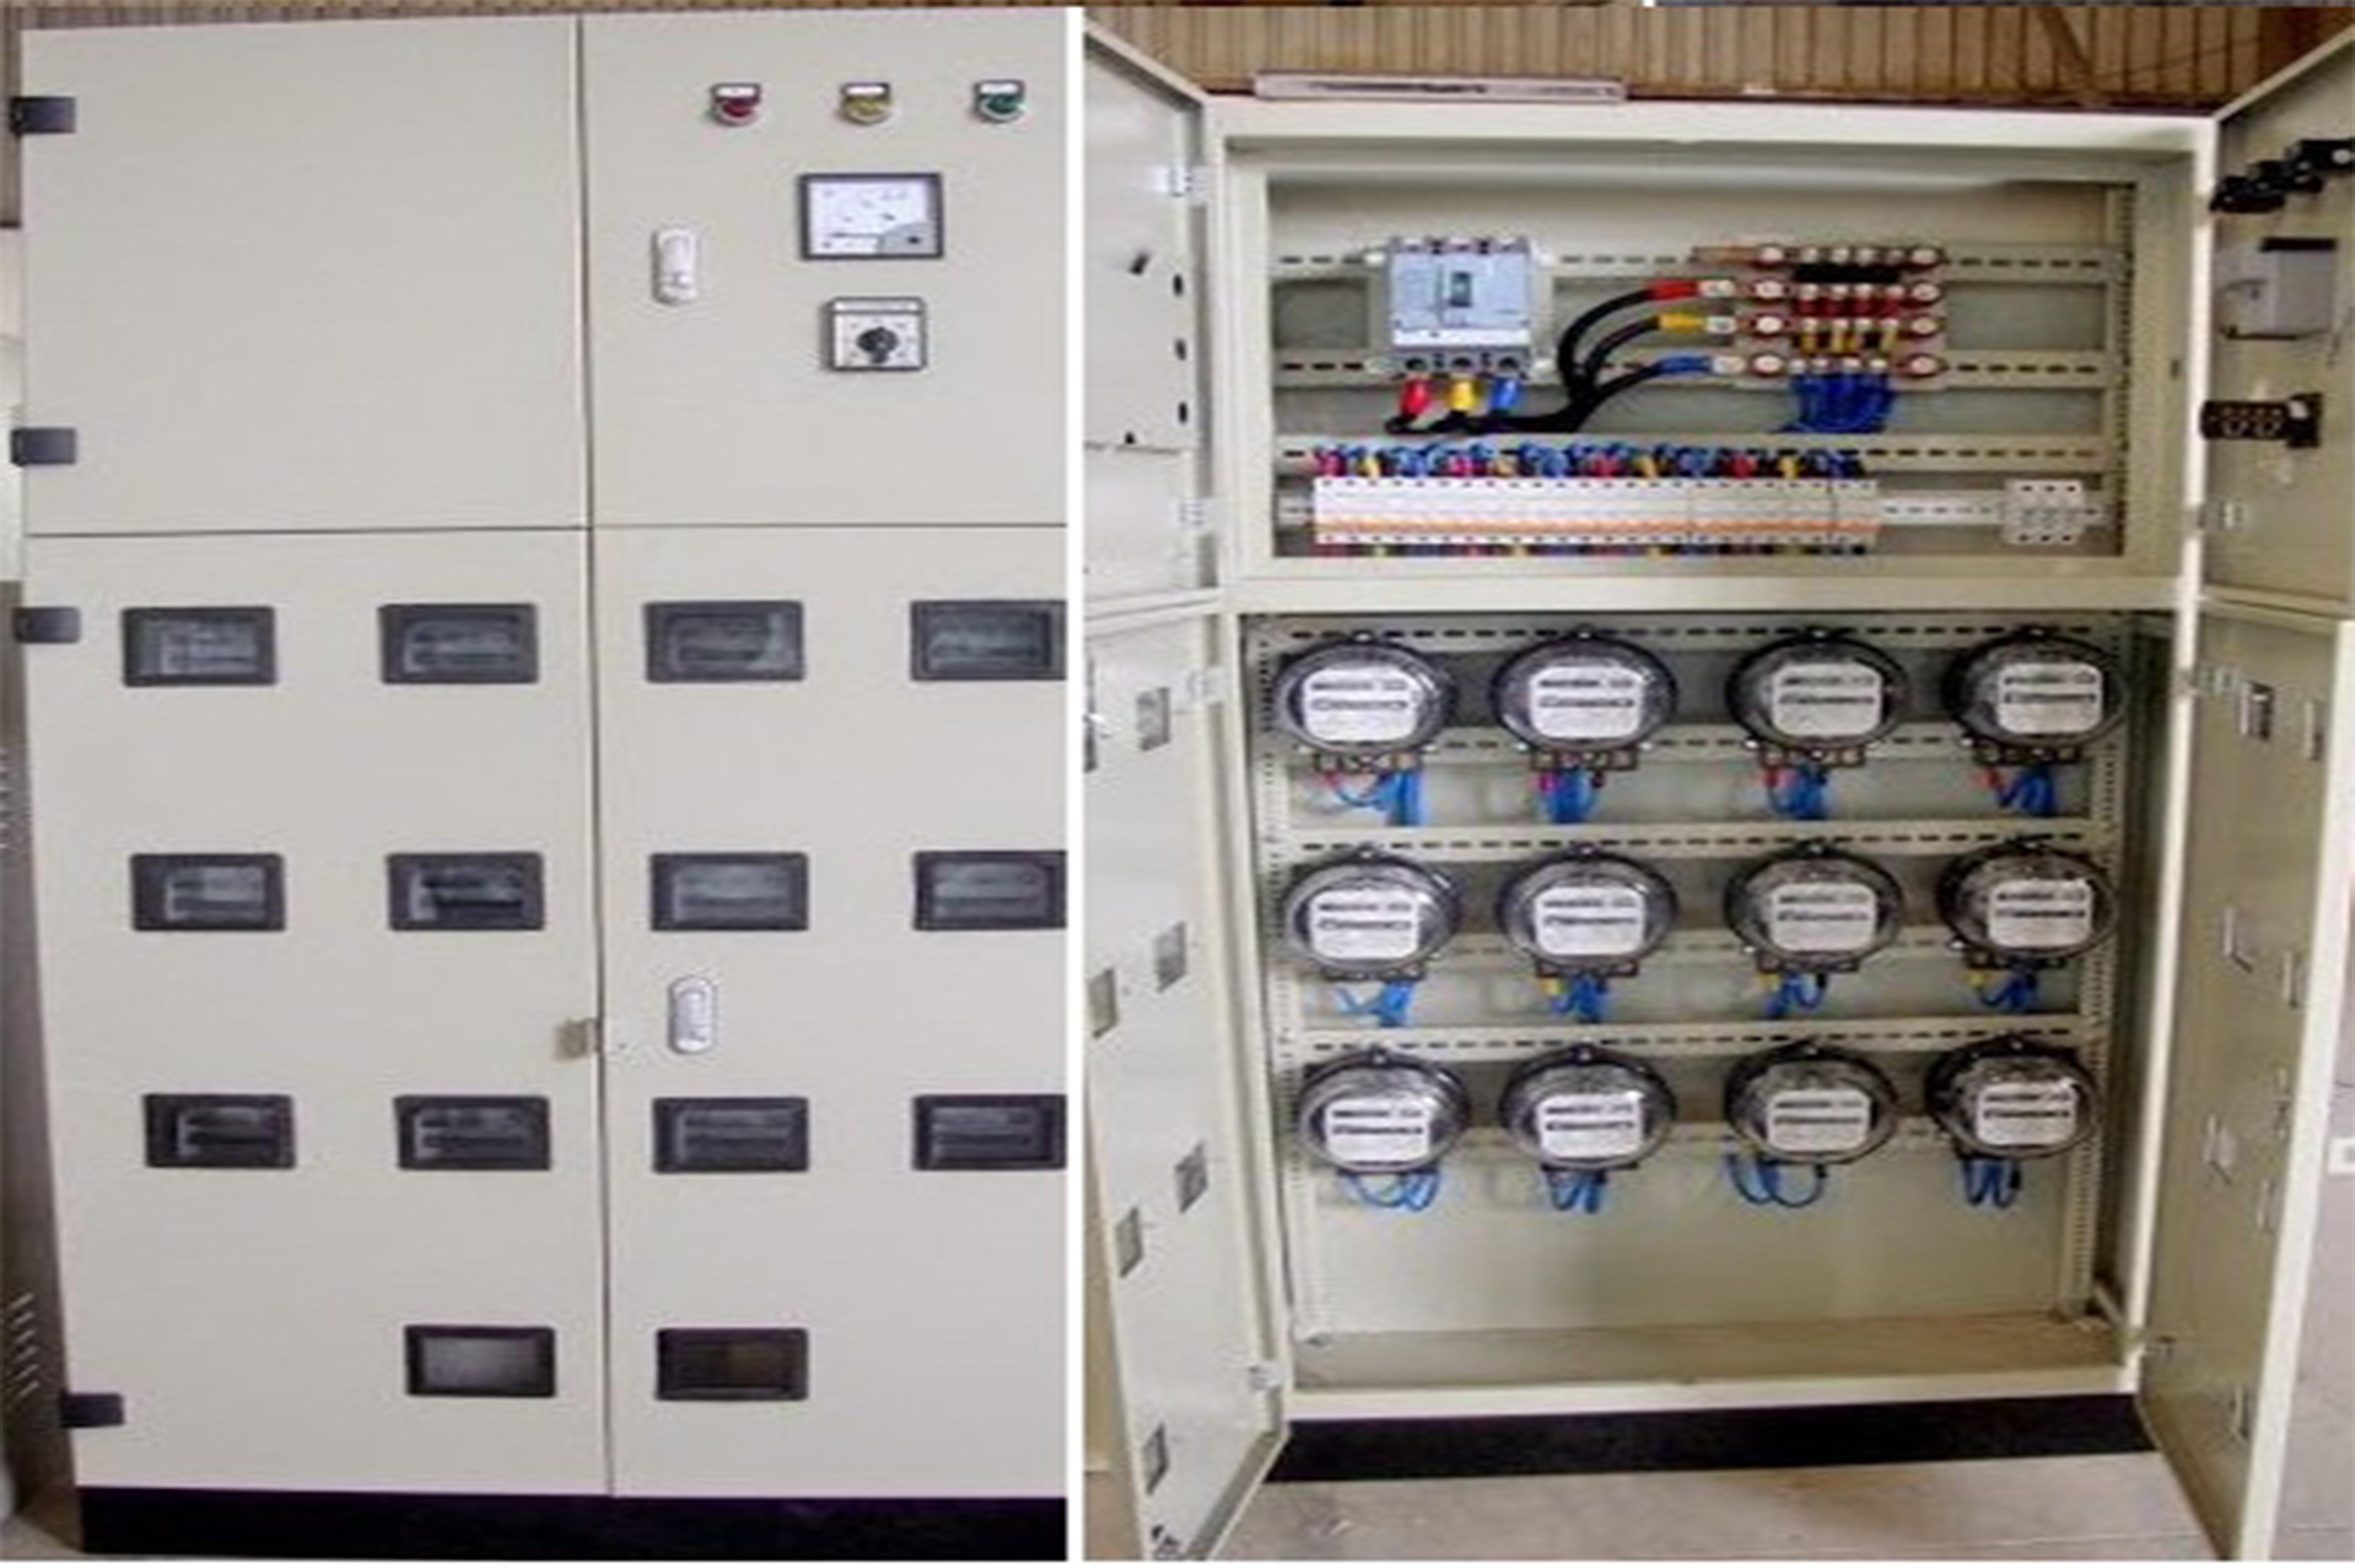 3CElectric cung cấp tủ điện công tơ cho khu ĐT Xuân Thành